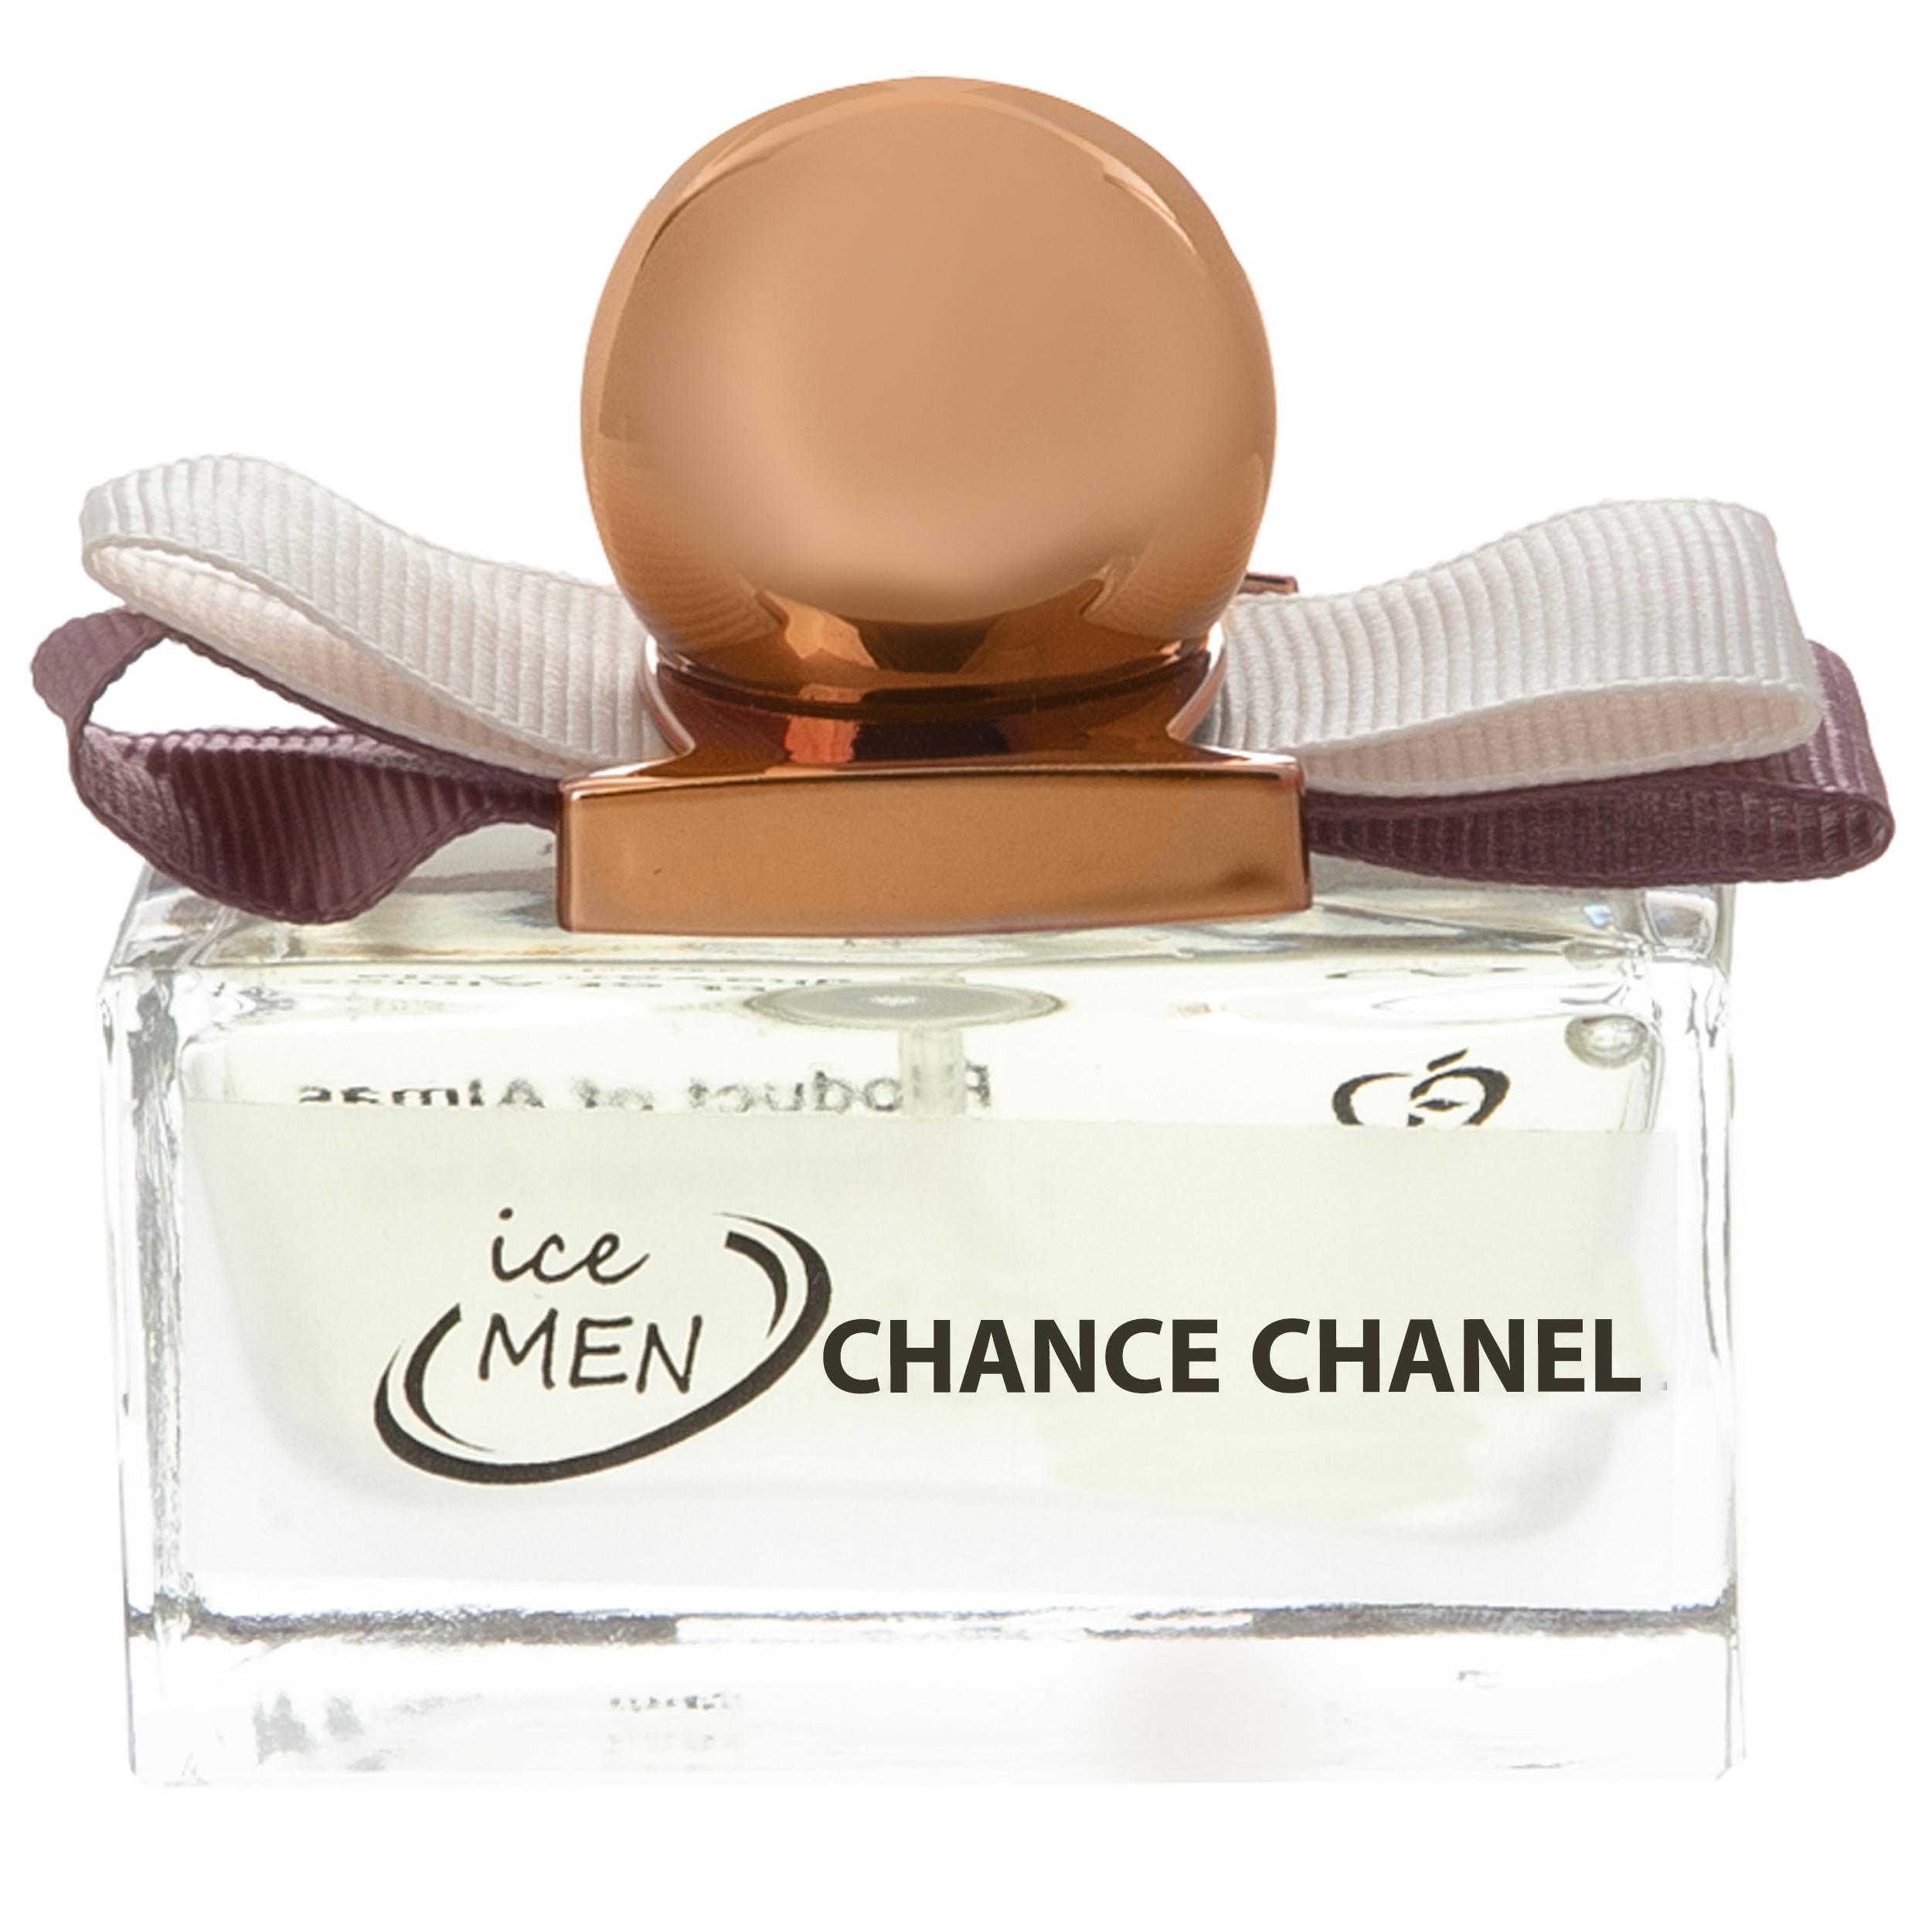 ادو پرفیوم زنانه آیس من مدل CHANCE CHANEL حجم 30 میلی لیتر